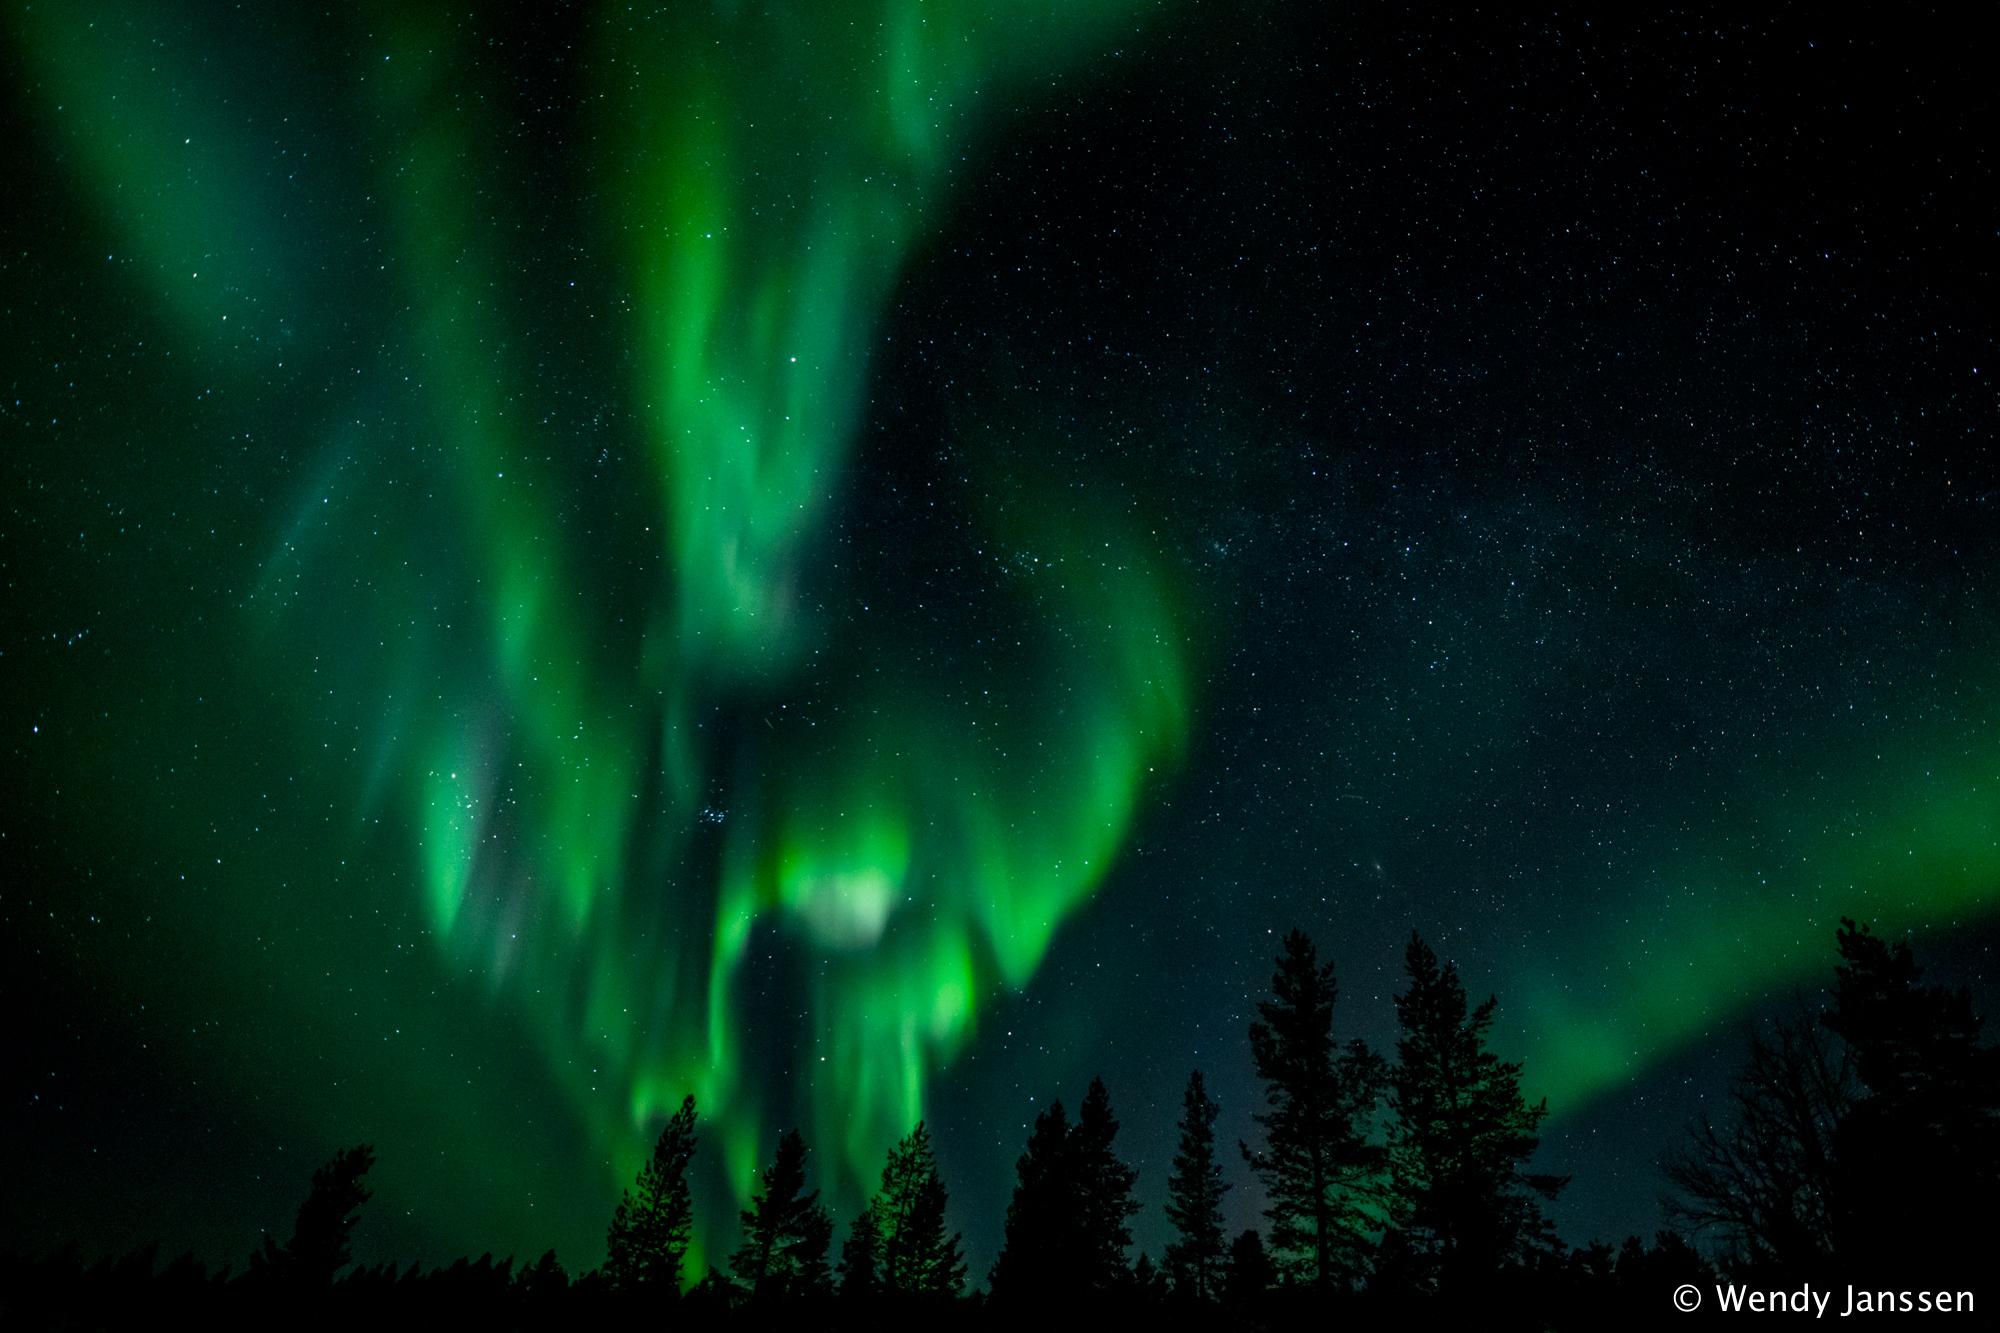 Inari - Finland